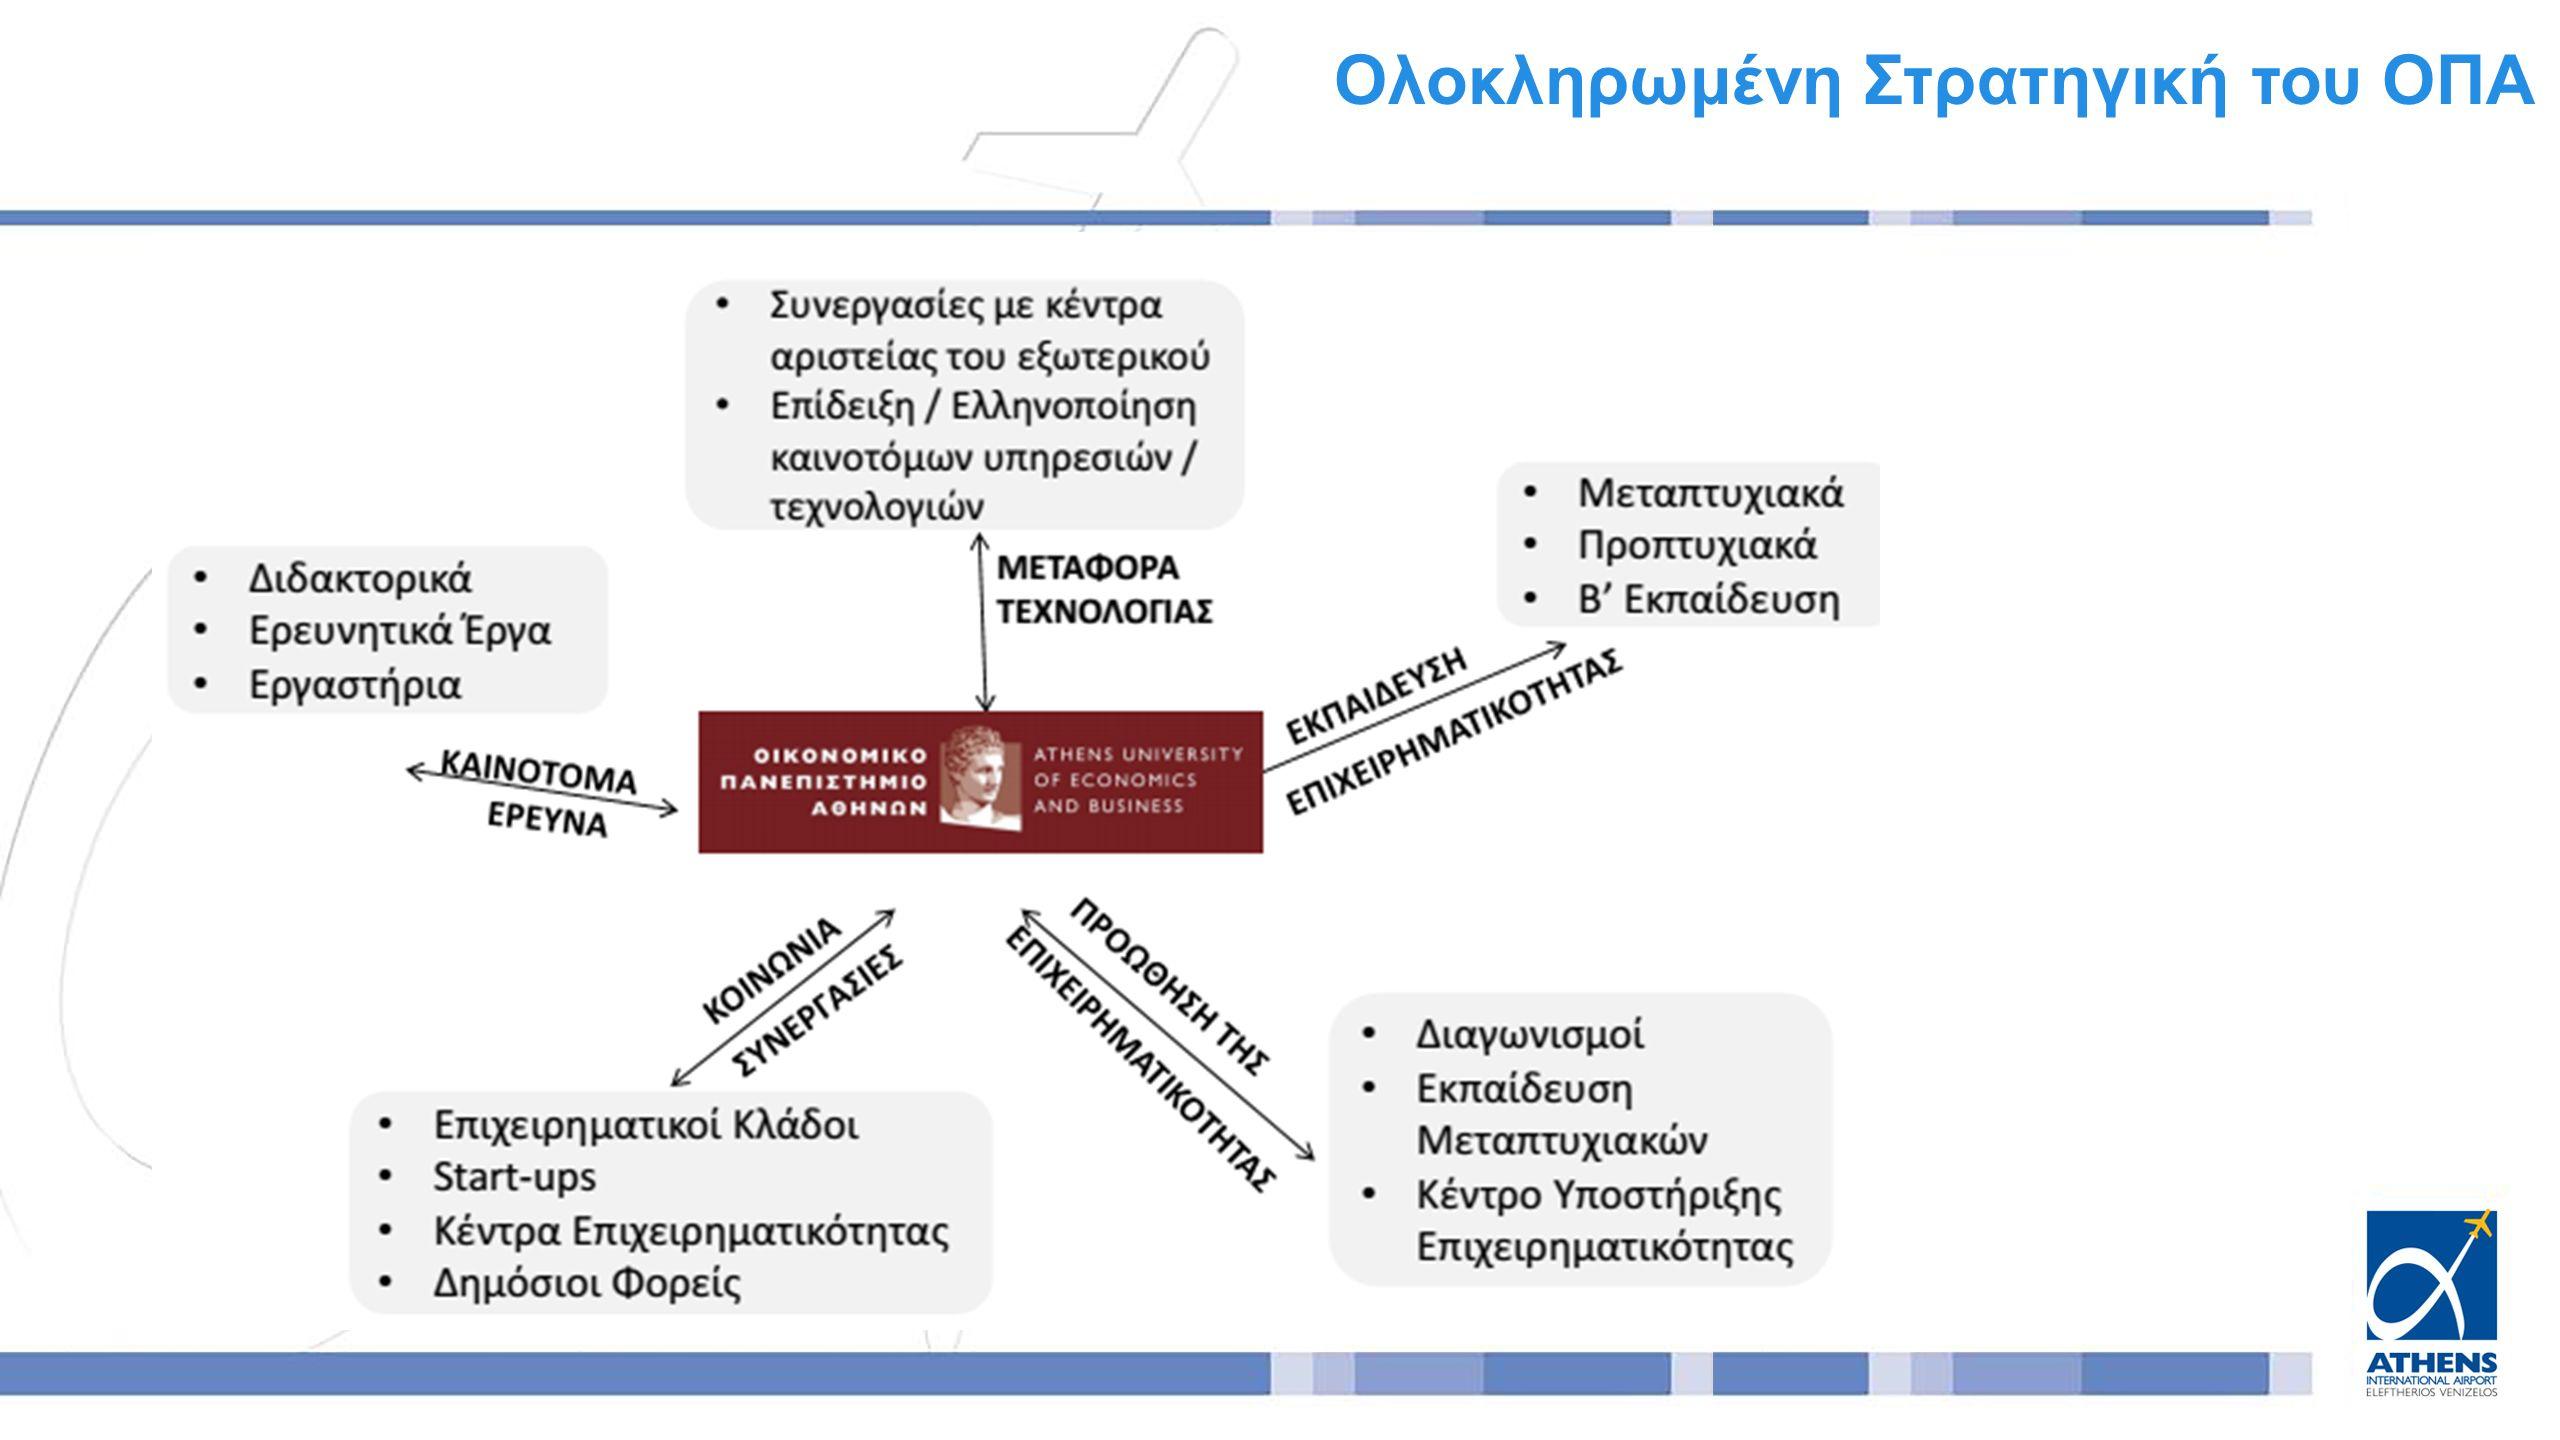 Ολοκληρωμένη Στρατηγική του ΟΠΑ